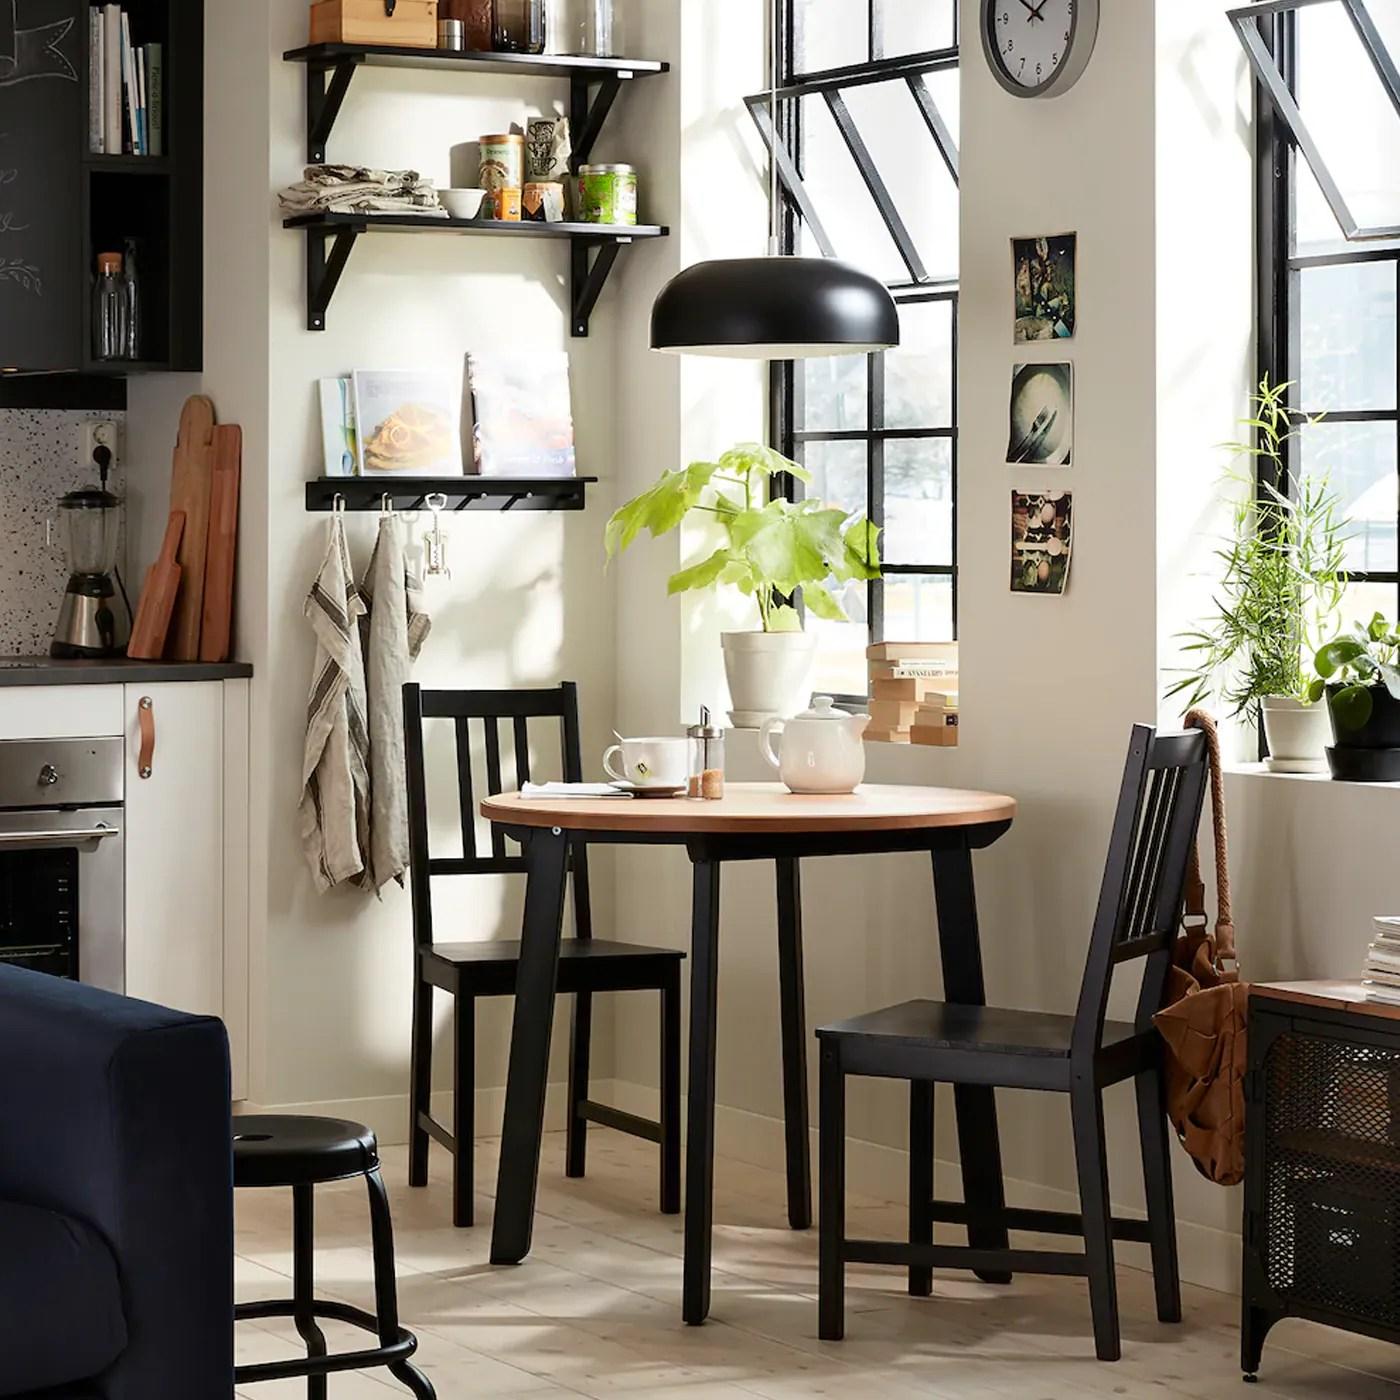 Gemütliche Essecke für lange Abende   IKEA   IKEA